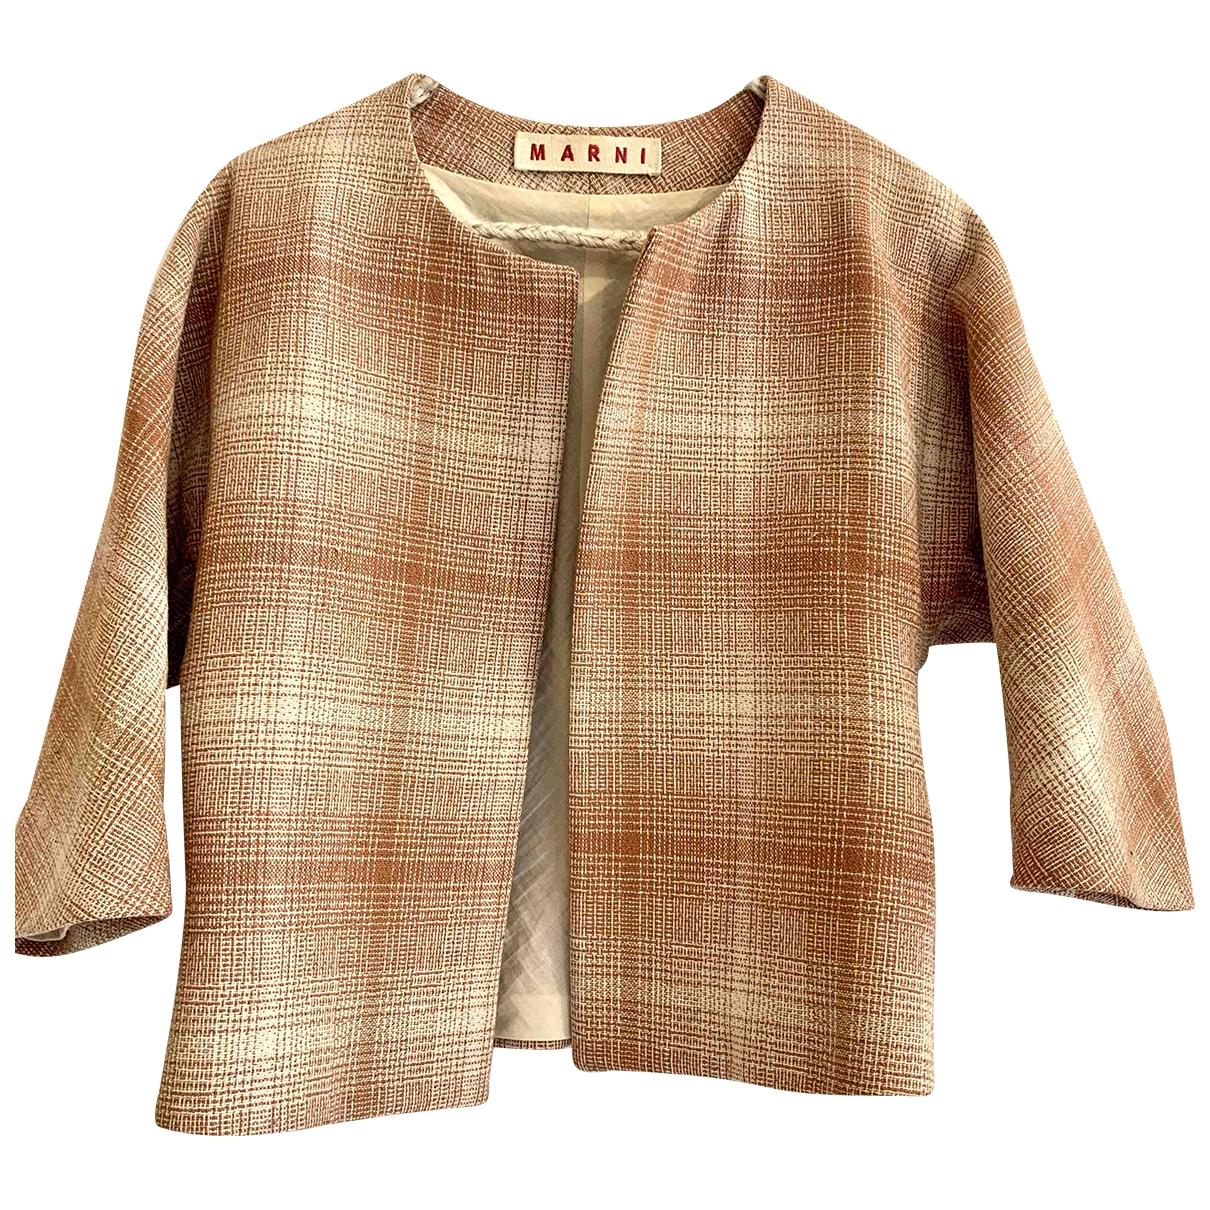 Marni - Veste   pour femme en laine - multicolore